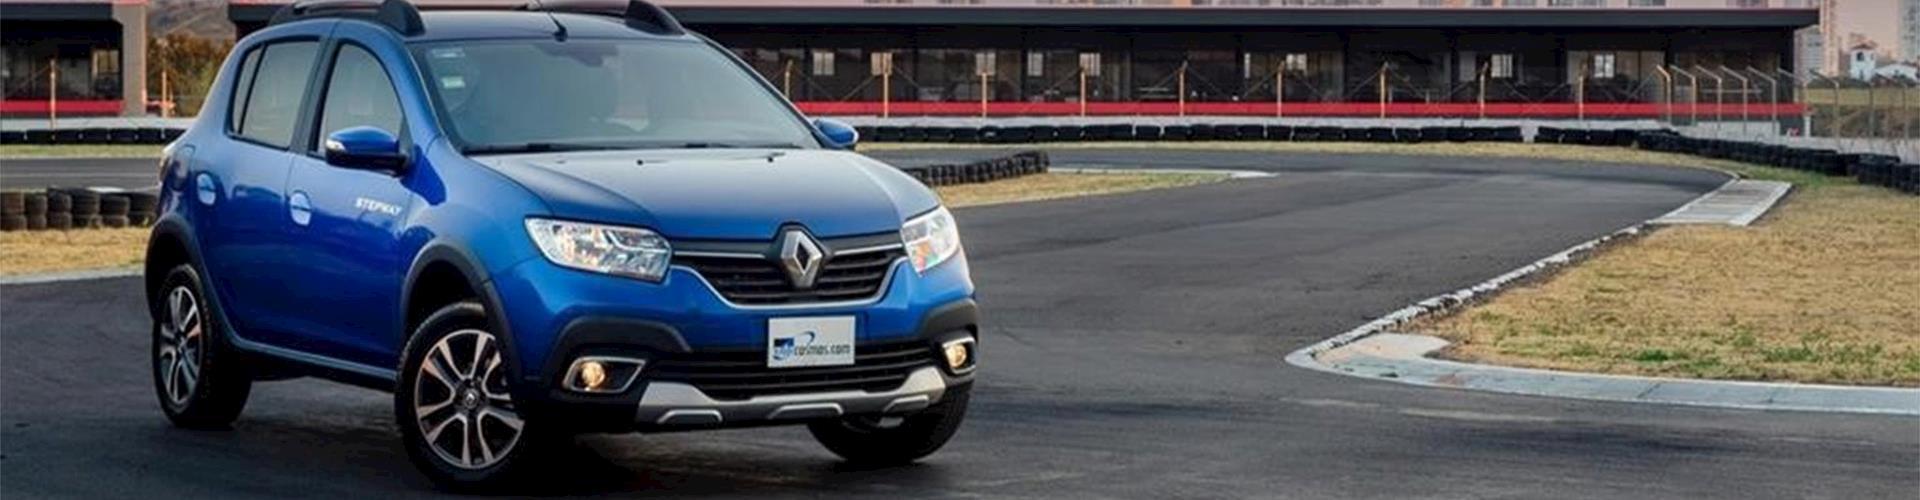 Probamos el renovado Renault Sandero